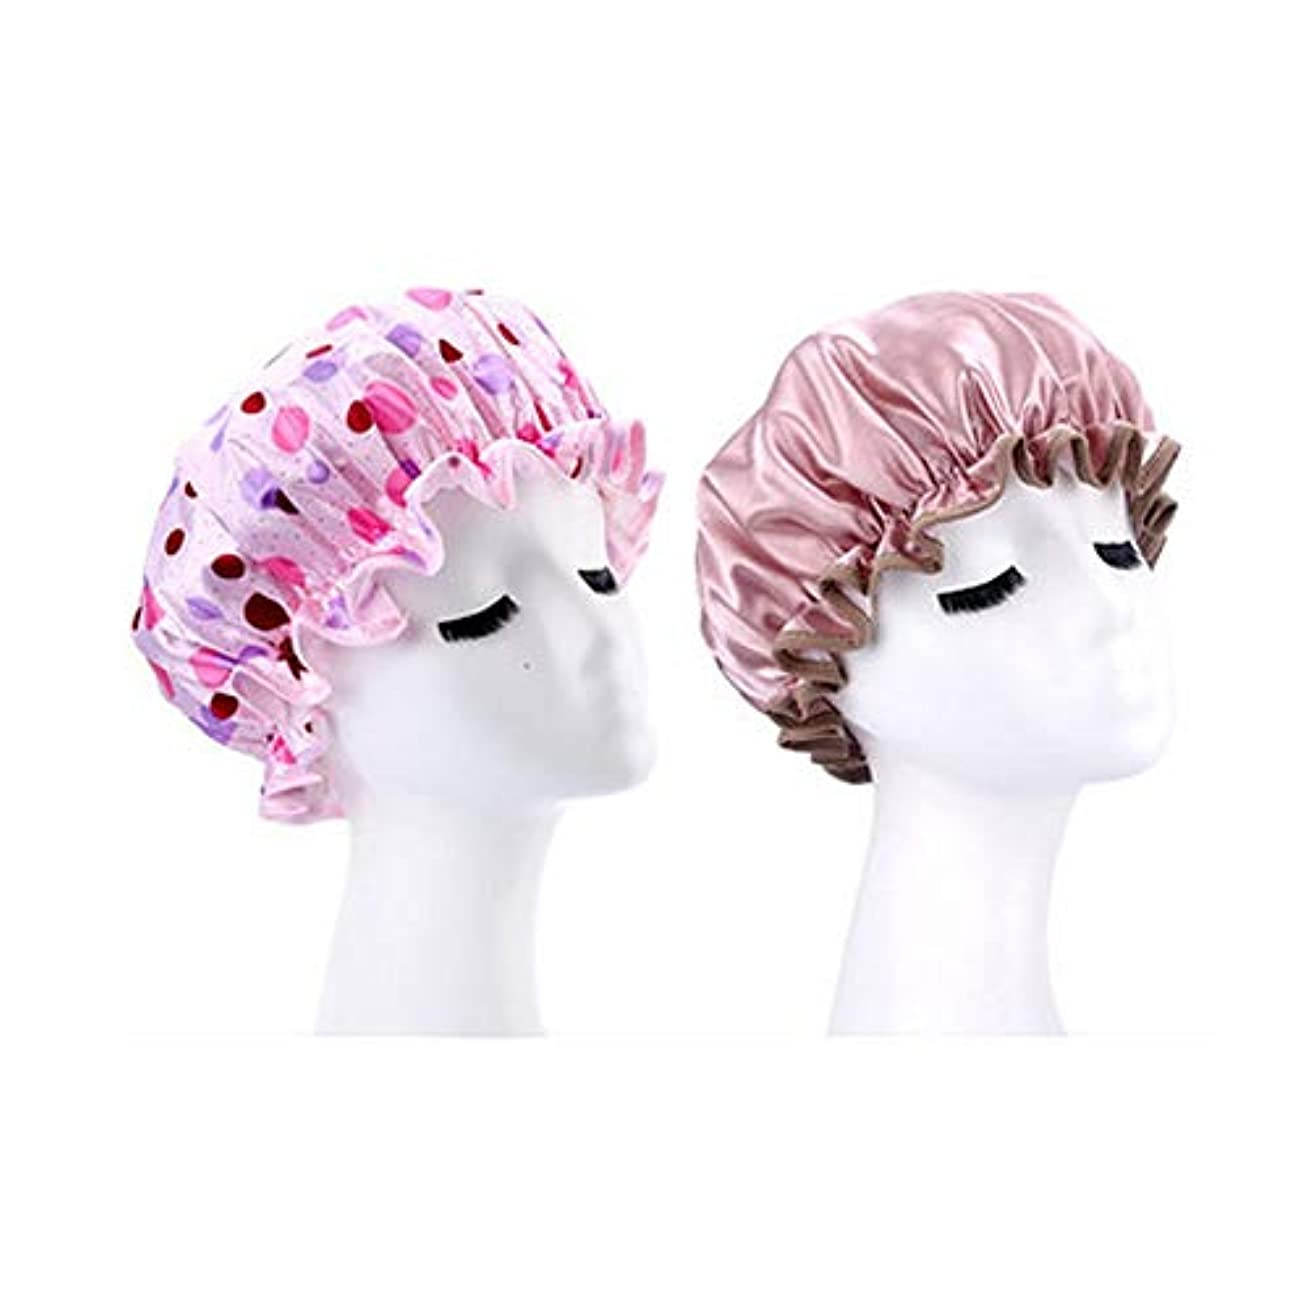 精神駐地アーティストシャワーキャップ、レディースシャワーキャップレディース用のすべての髪の長さと太さのデラックスシャワーキャップ - 防水とカビ防止、再利用可能なシャワーキャップ。 (Color : 3)